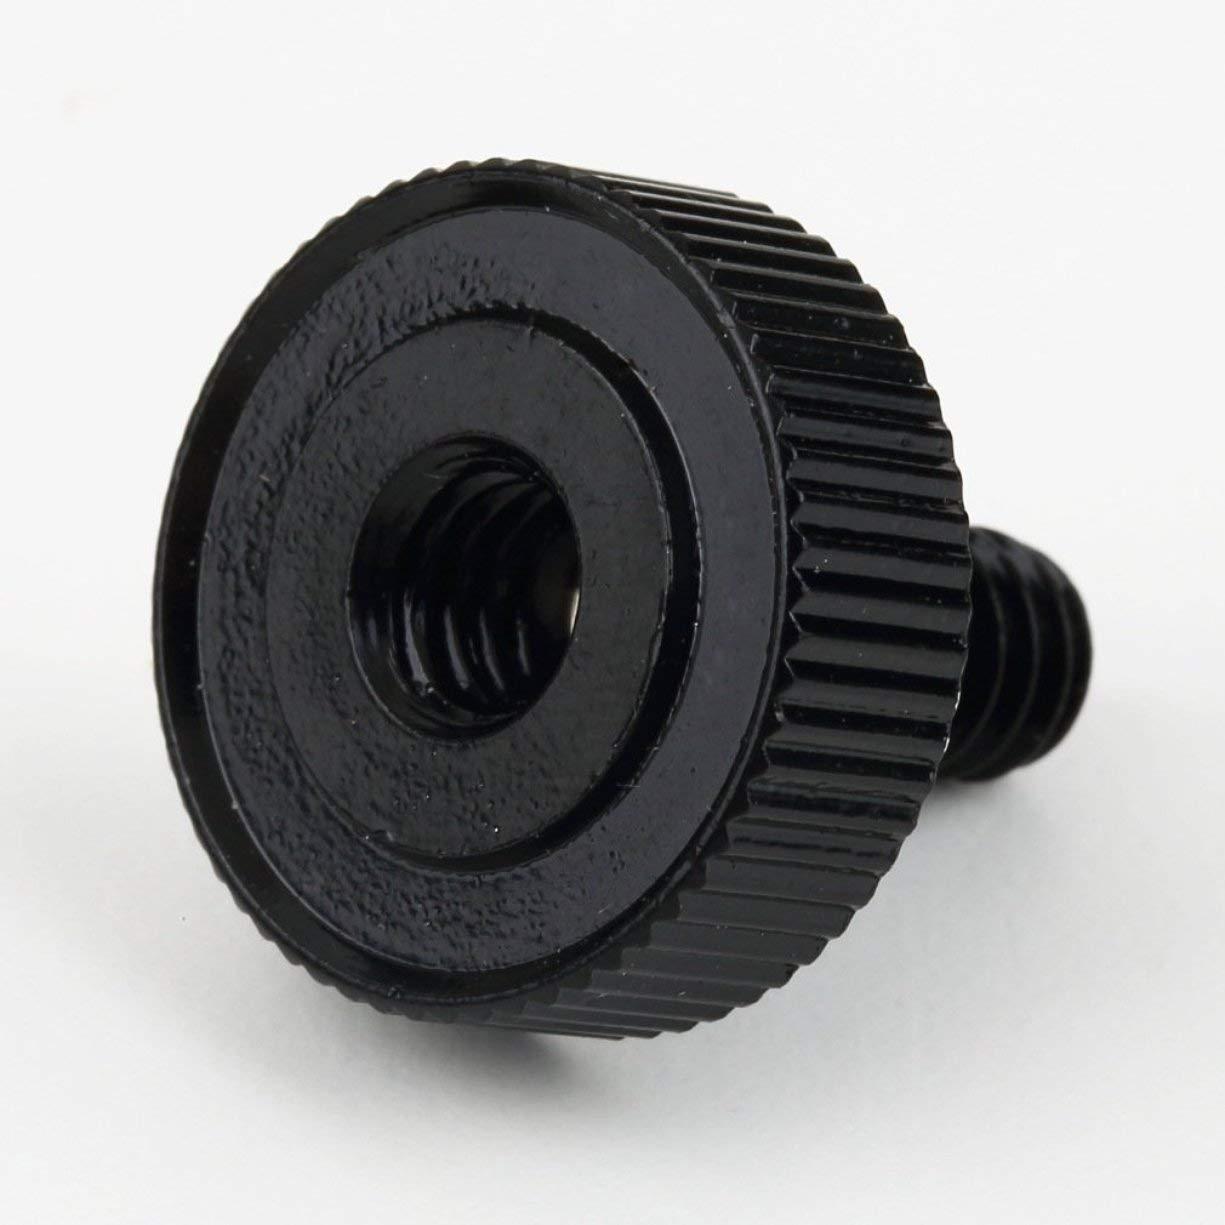 1/4 Tornillo para cámara/trípode / Soporte de Flash, Corto 1/4 Tornillo Adaptador de trípode para Zapata para cámara/trípode / Soporte de Flash Sujetadores ...